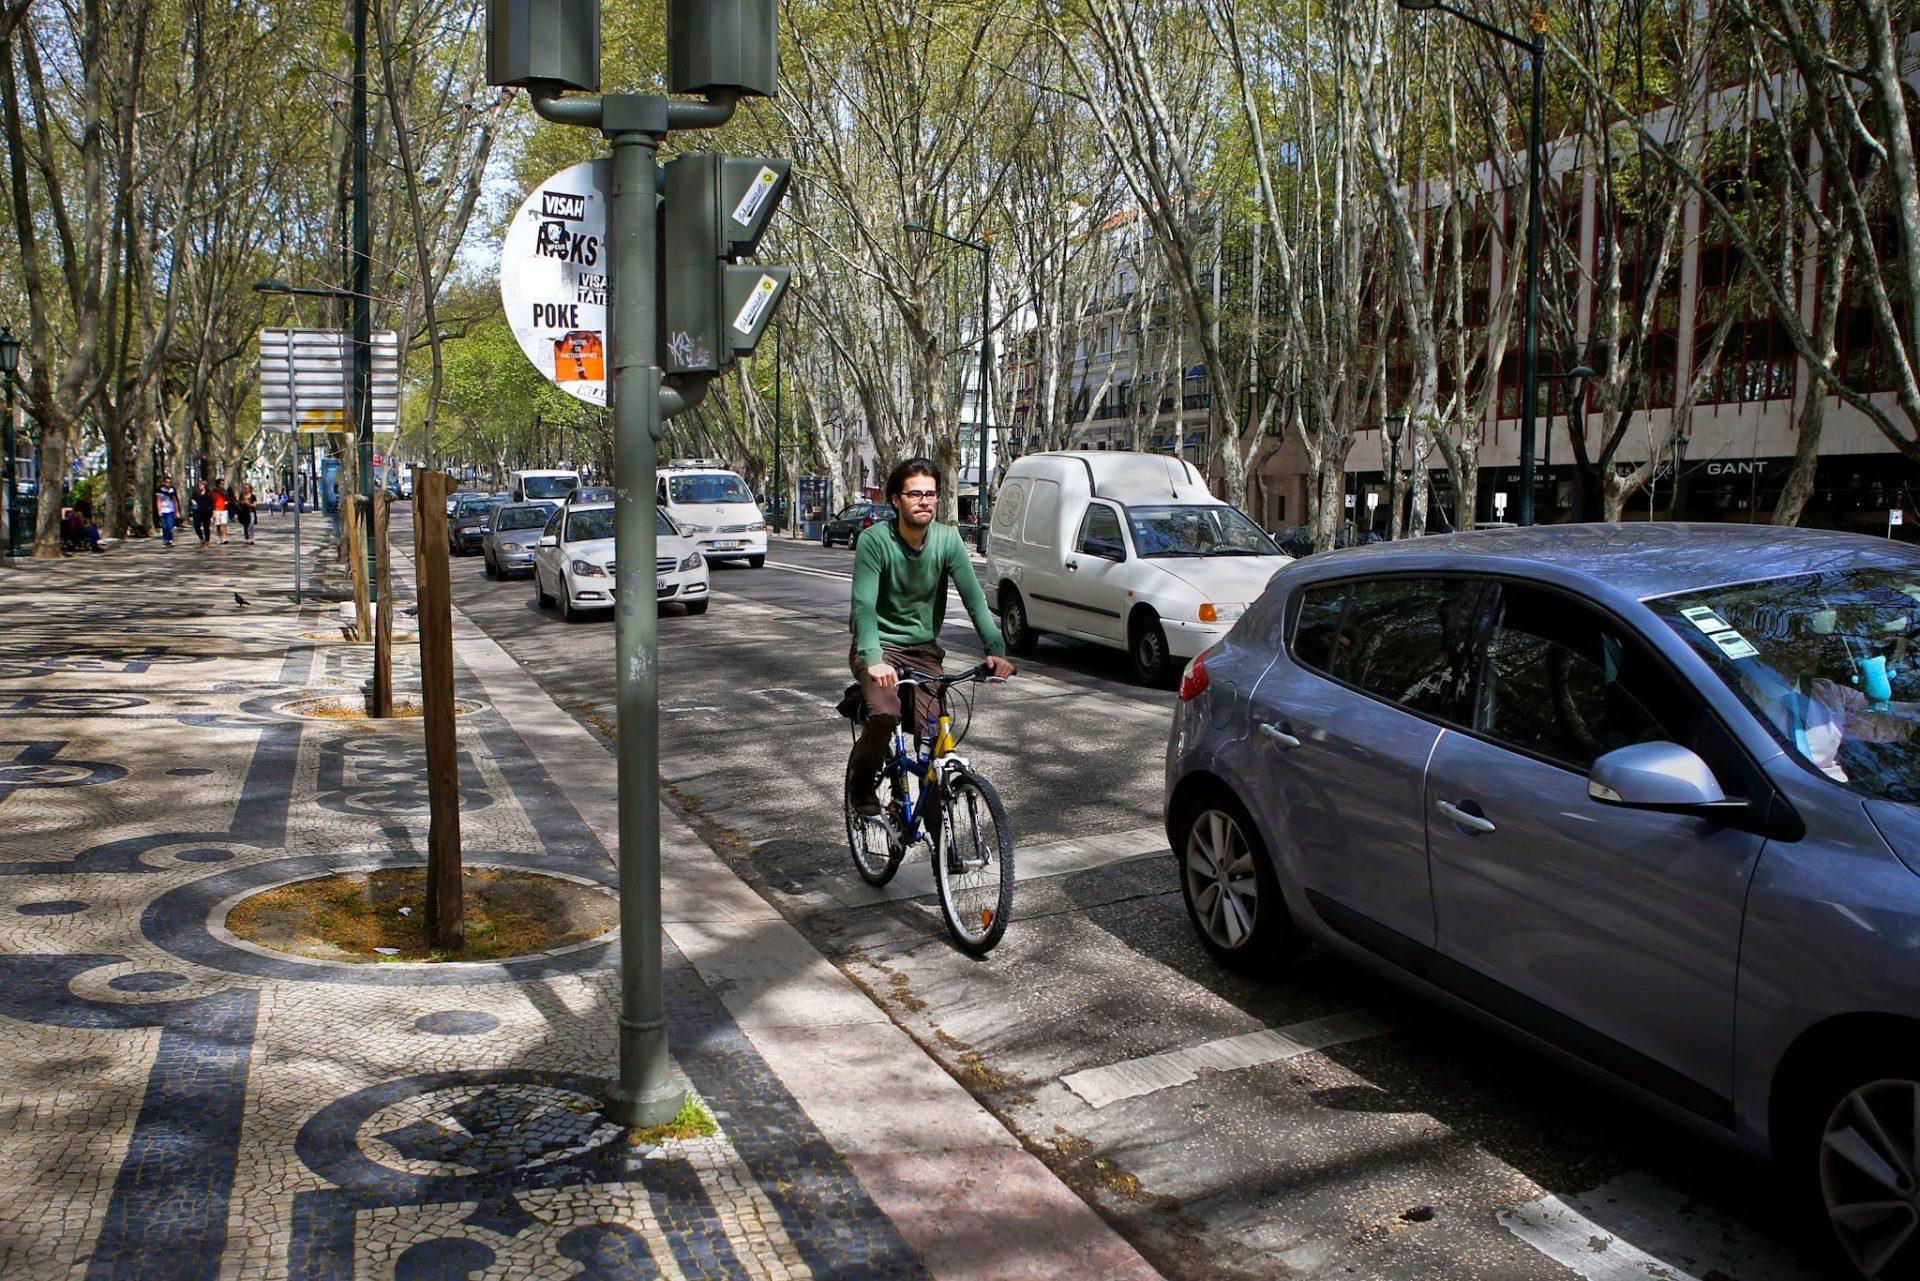 Um ciclista desce a Avenida da Liberdade em Lisboa, 3 de abril de 2015. O novo Código da Estrada, que entrou em vigor a 01 de janeiro de 2014, veio introduzir alterações na circulação rodoviária, tendo os ciclistas ganho novos direitos, ao passarem a ser equiparados aos veículos motorizados. MÁRIO CRUZ/LUSA